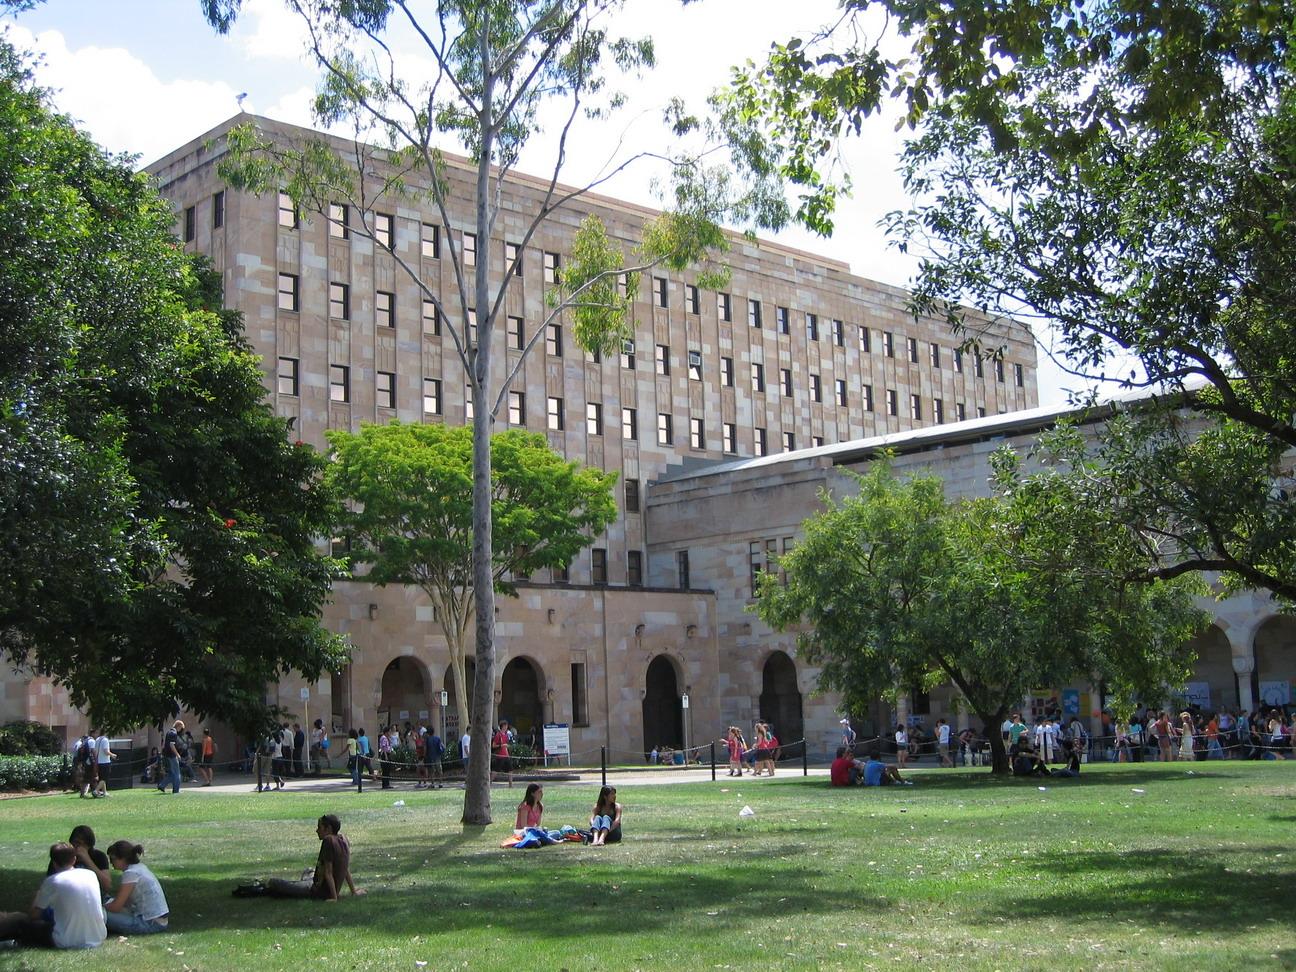 昆士兰大学与澳洲国立大学哪个大学更好之申请难度